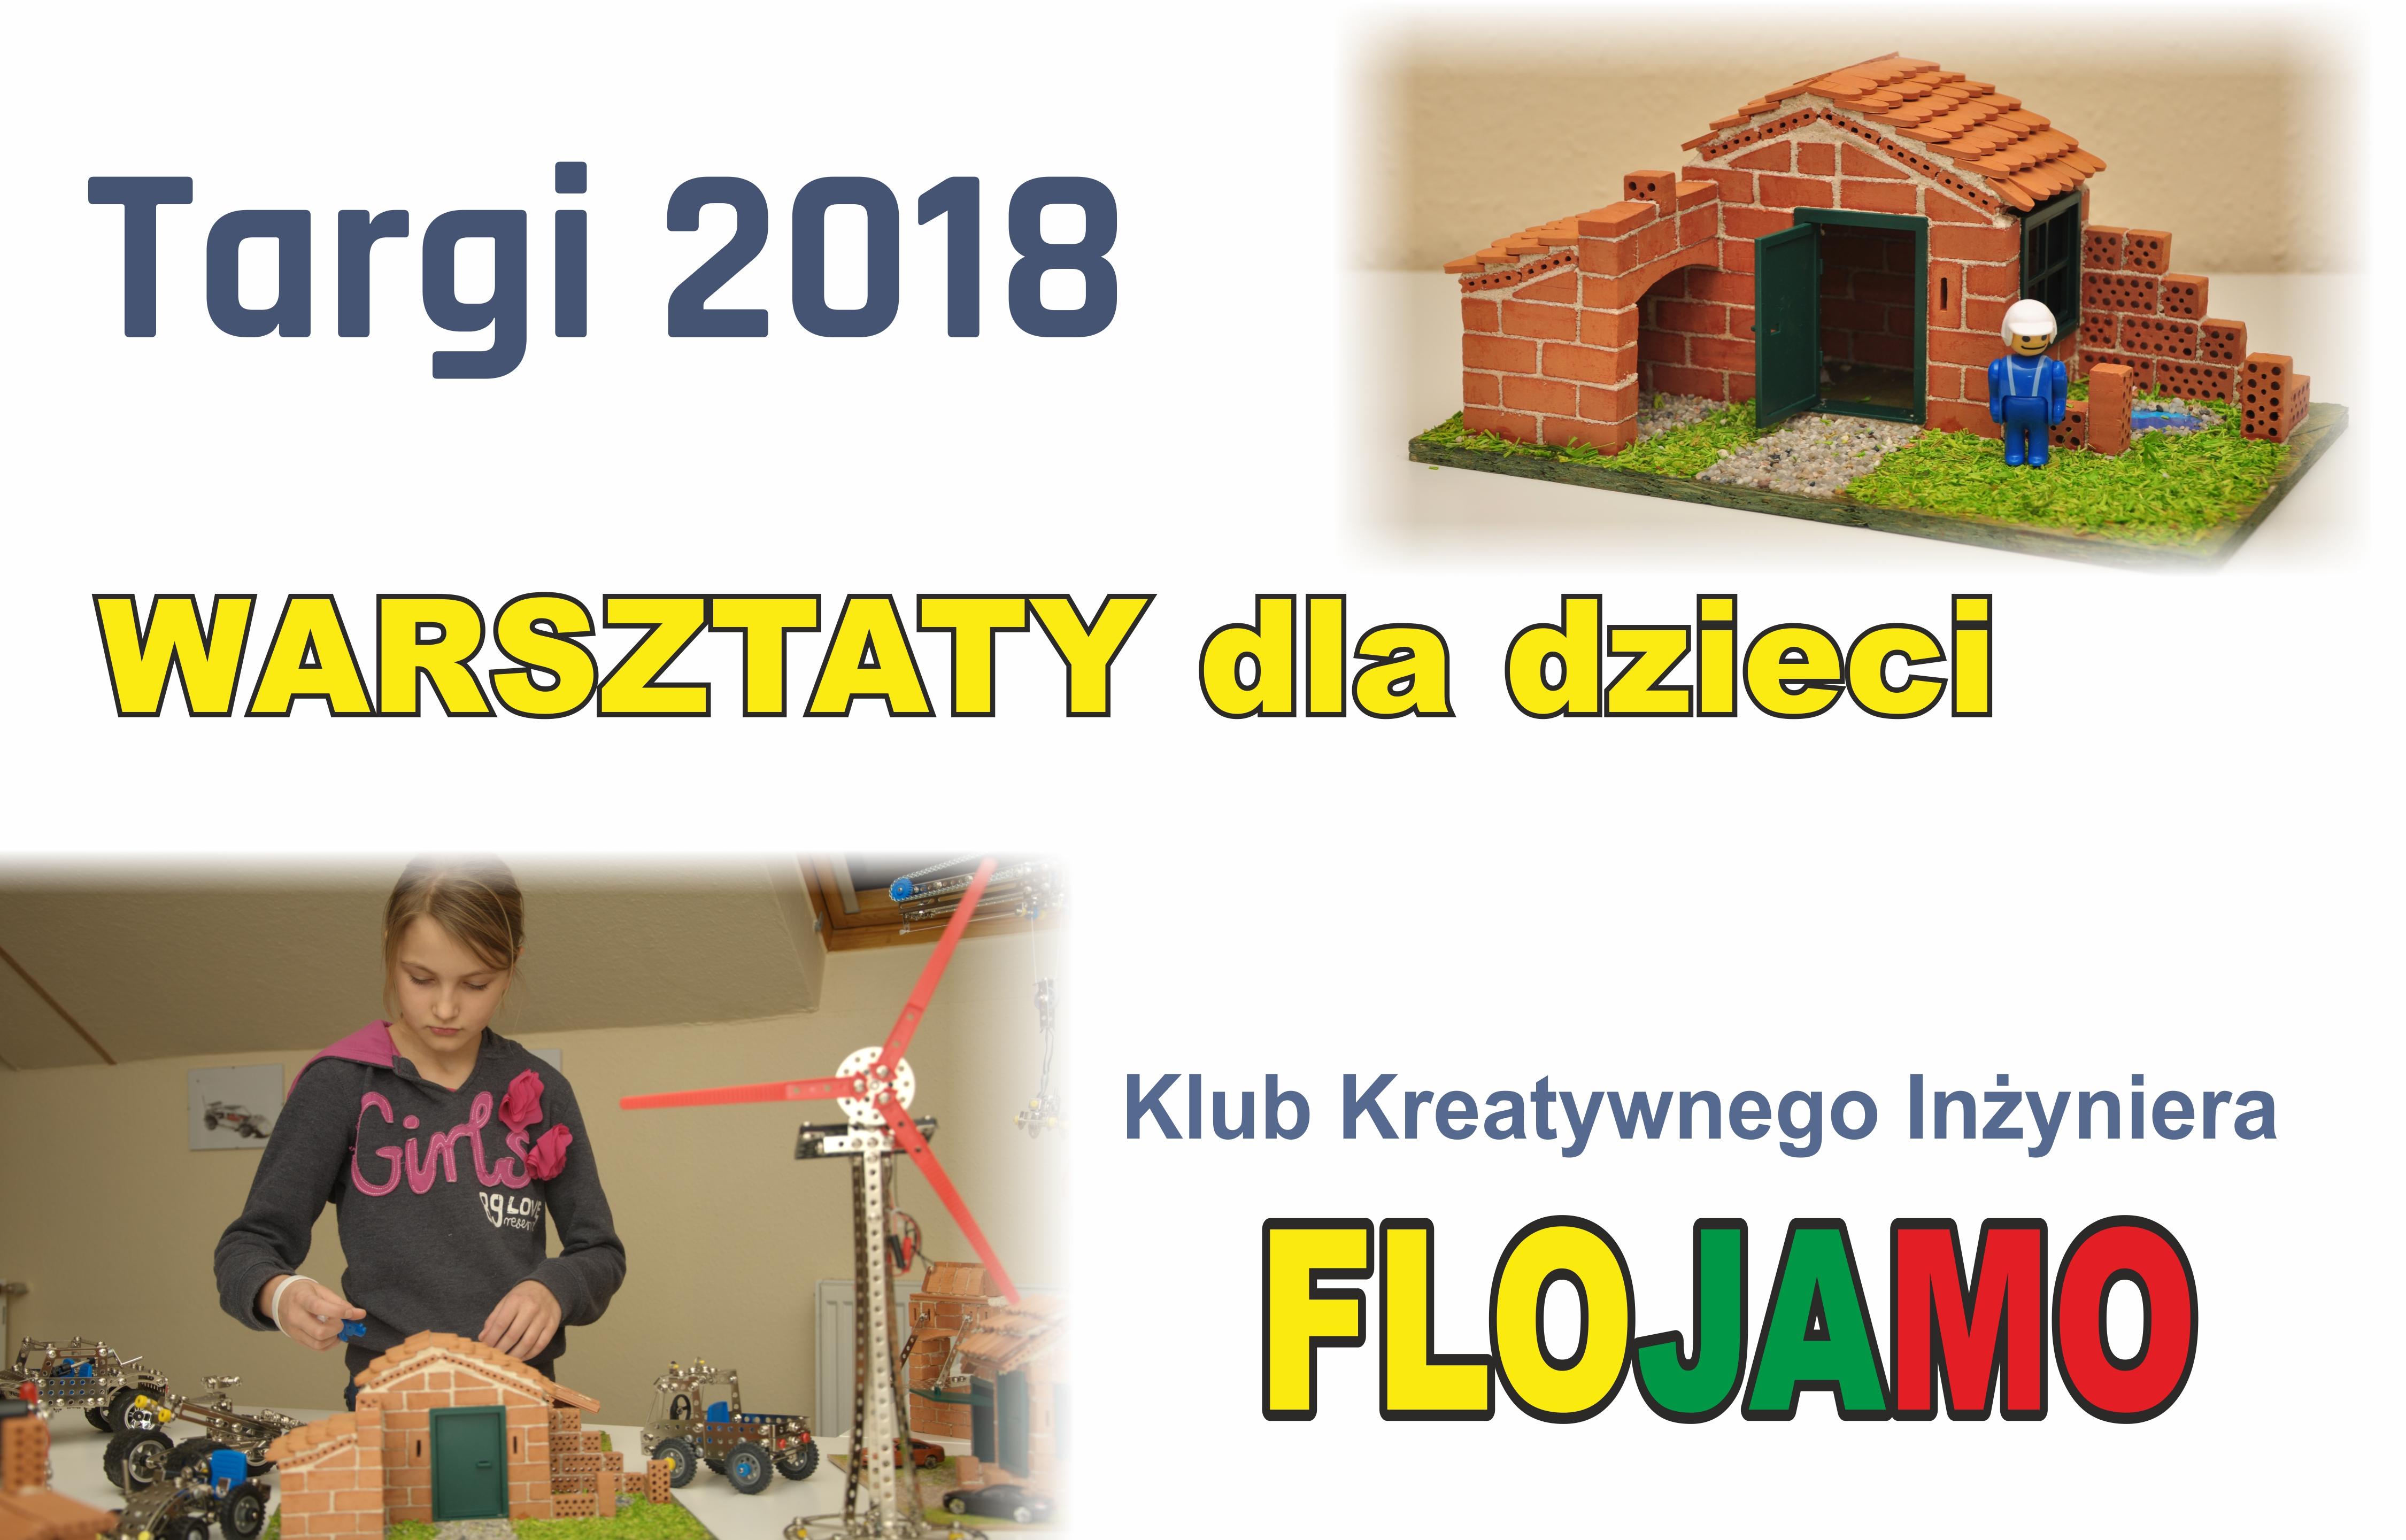 Klub Kreatywnego Inżyniera FLOJAMO Promocja-Targi.pl